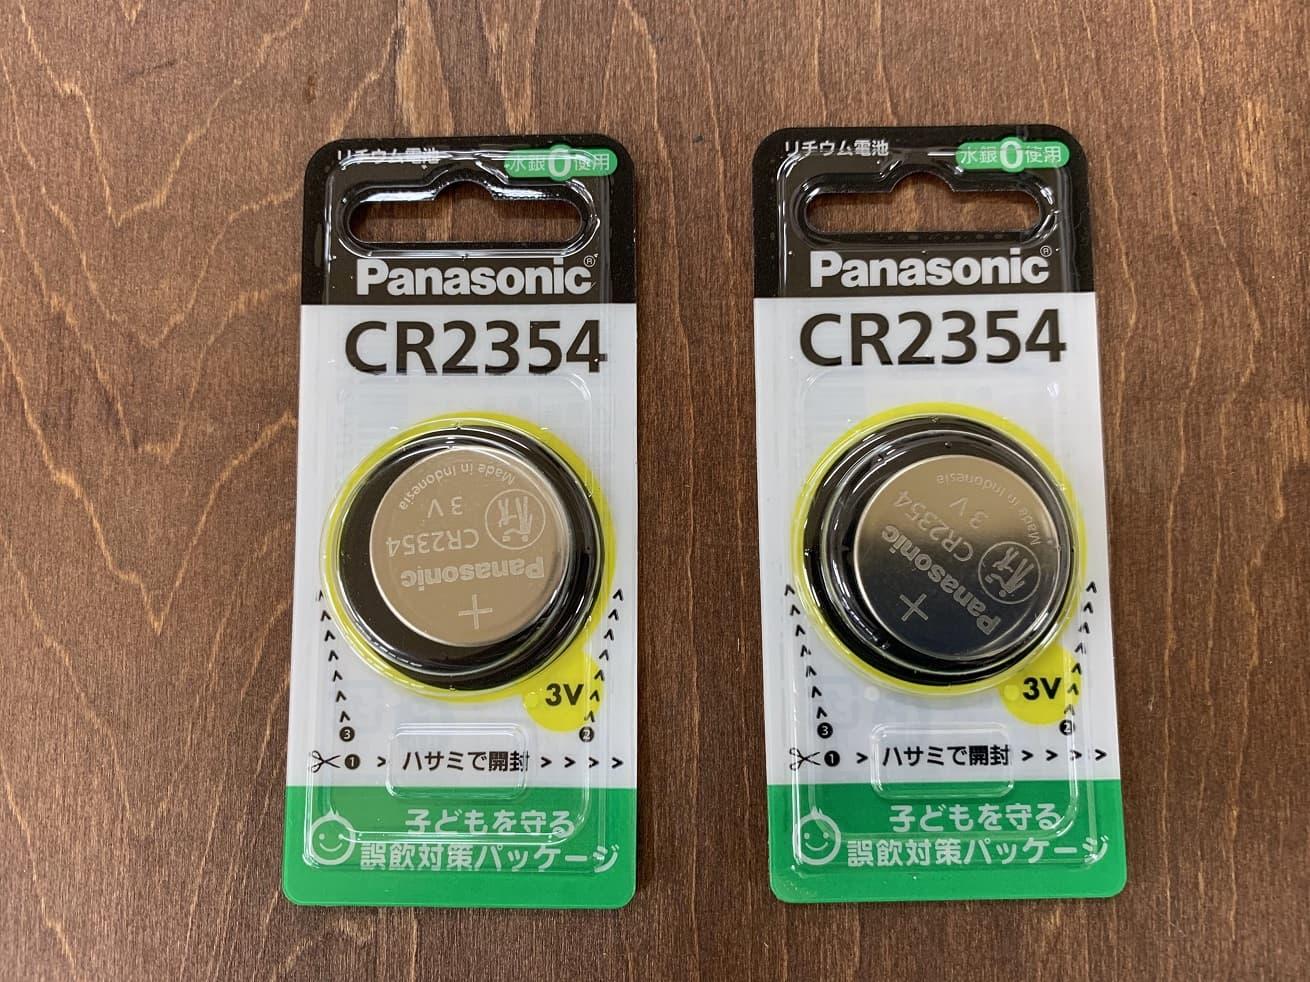 KTCデジラチェ用パナソニックボタン電池CR2354